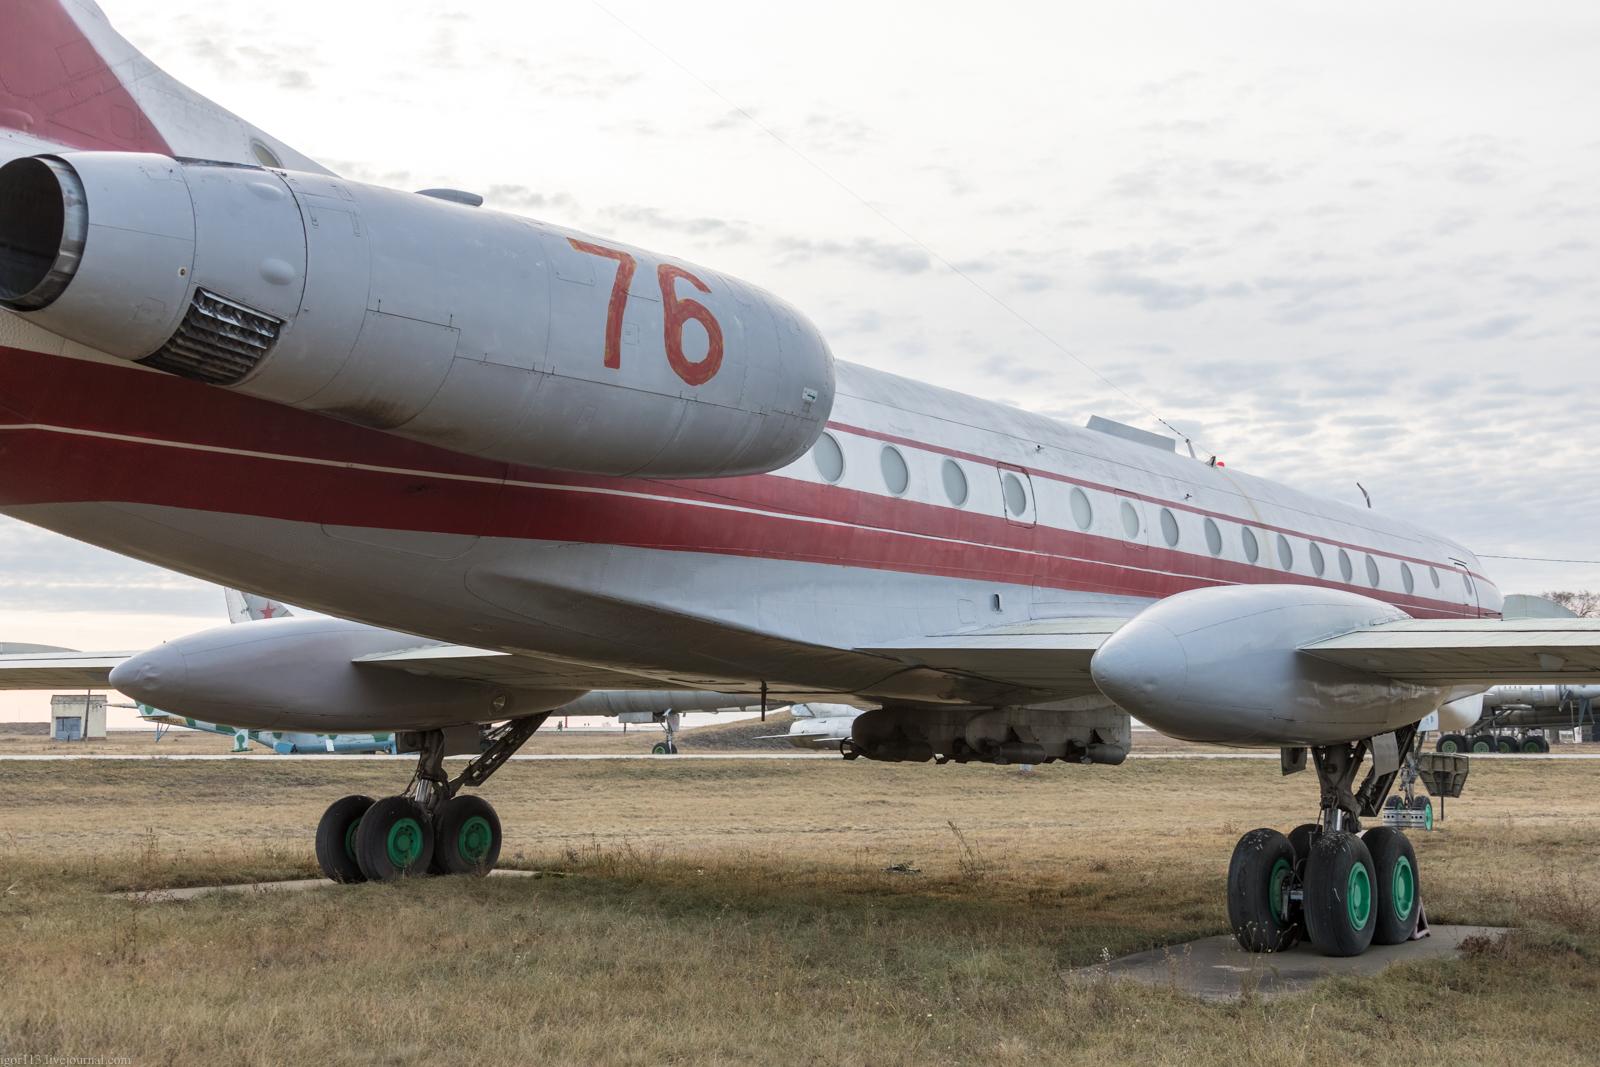 Музей Дальней авиации в Энгельсе: самолет для обучения штурманов Ту-134Ш-1.